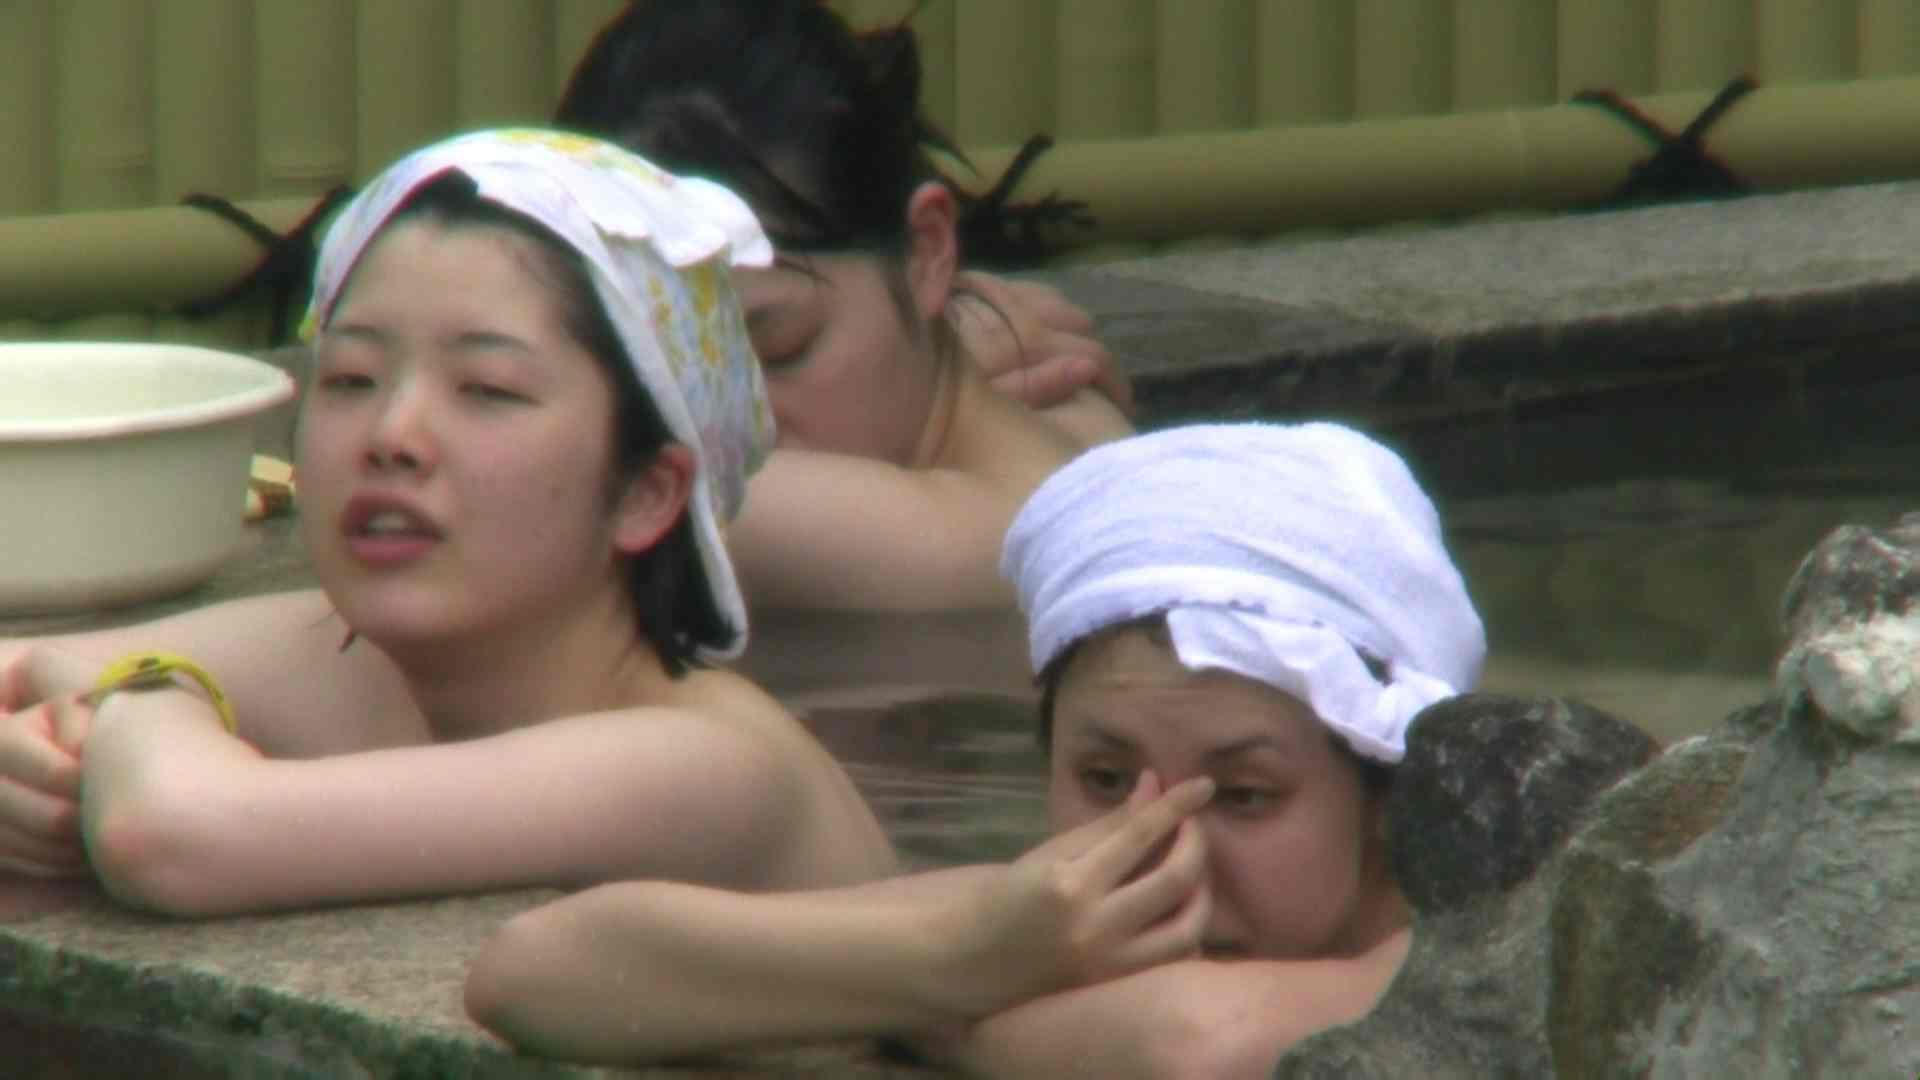 Aquaな露天風呂Vol.65【VIP限定】 盗撮  95画像 24